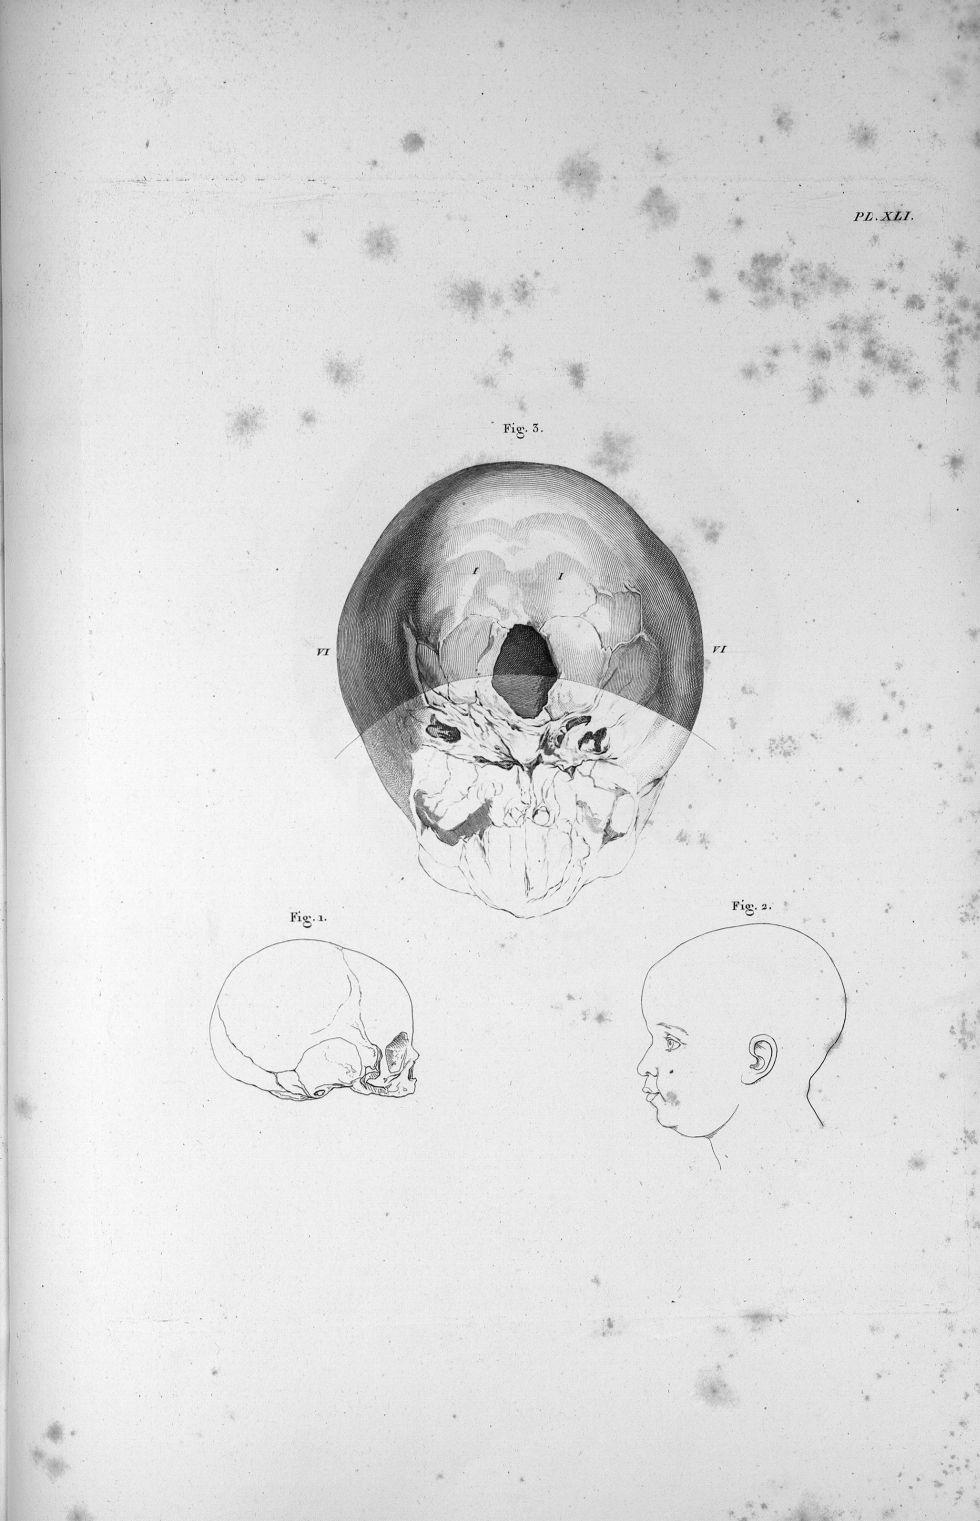 Pl. XLI. Fig. 3. La base du crâne d'un enfant nouveau-né, foible développement du cervelet en compar [...] - Anatomie. Neurologie. Crânes. 19e siècle (France) - med00575x02x0377